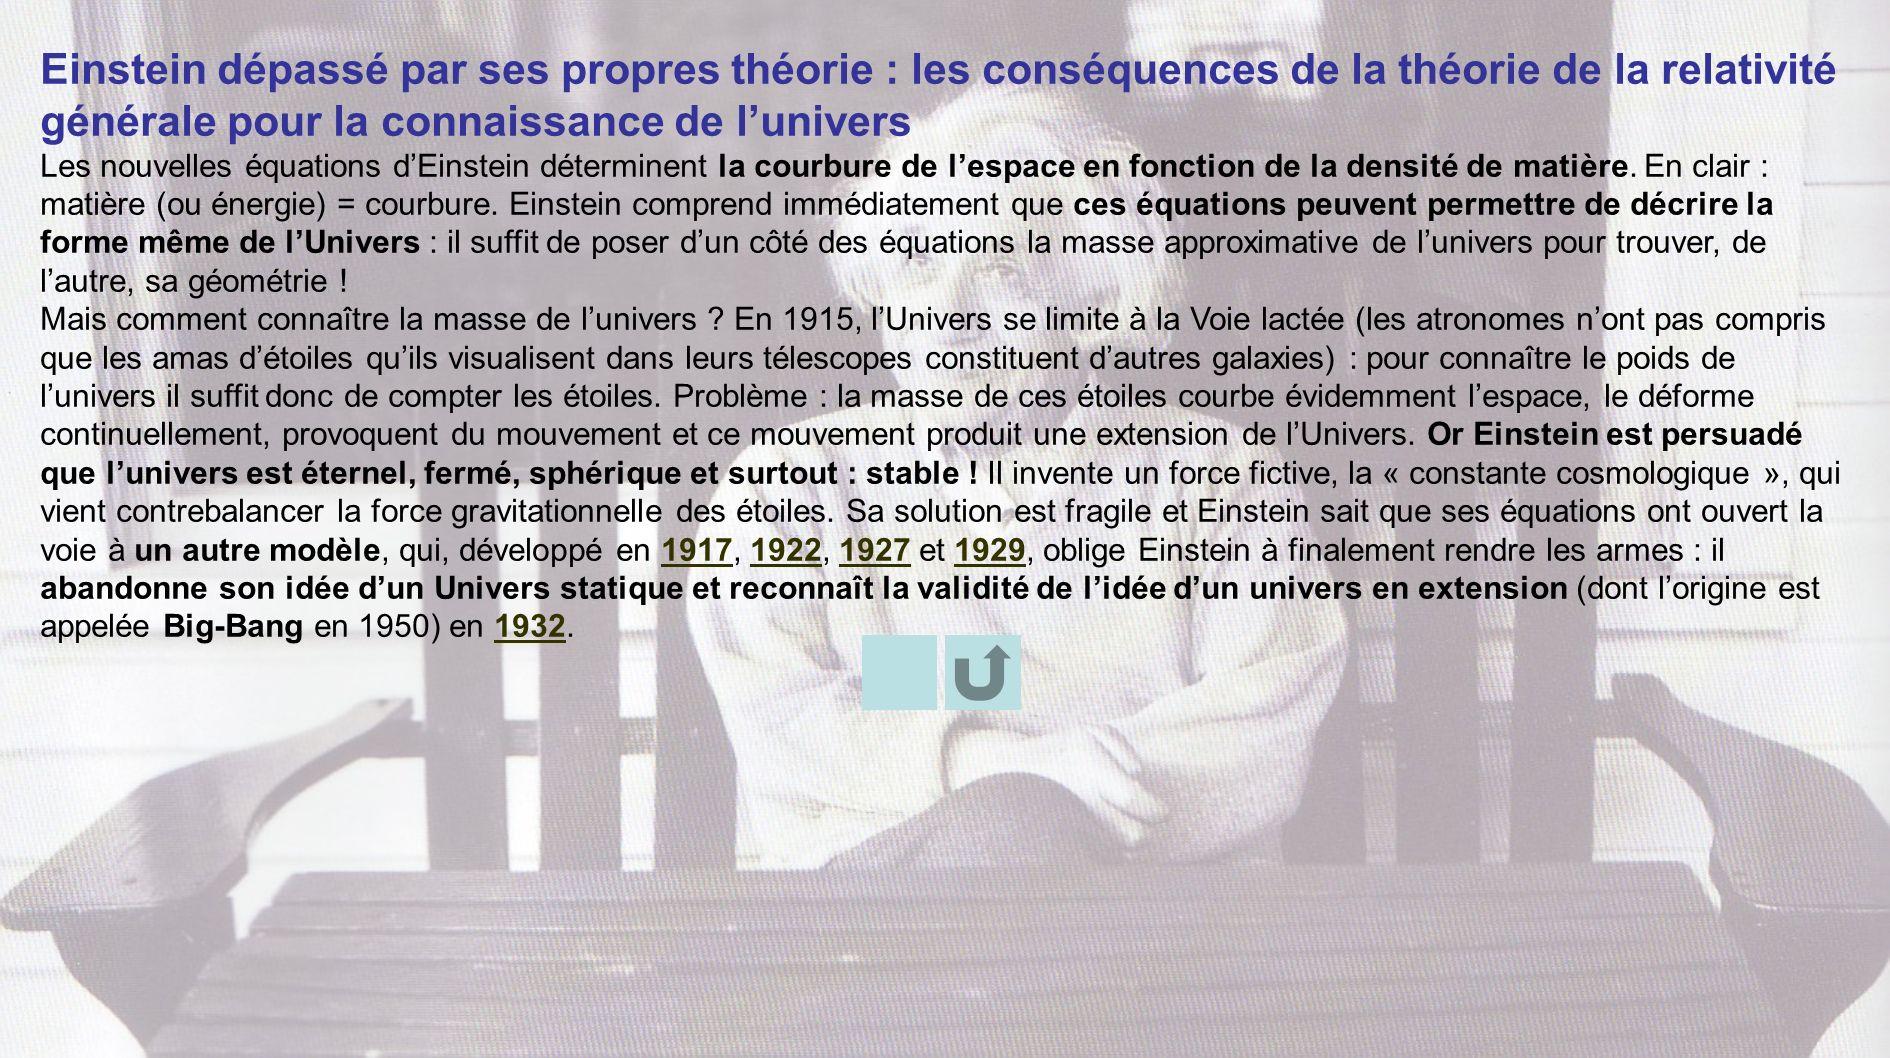 Einstein dépassé par ses propres théorie : les conséquences de la théorie de la relativité générale pour la connaissance de l'univers